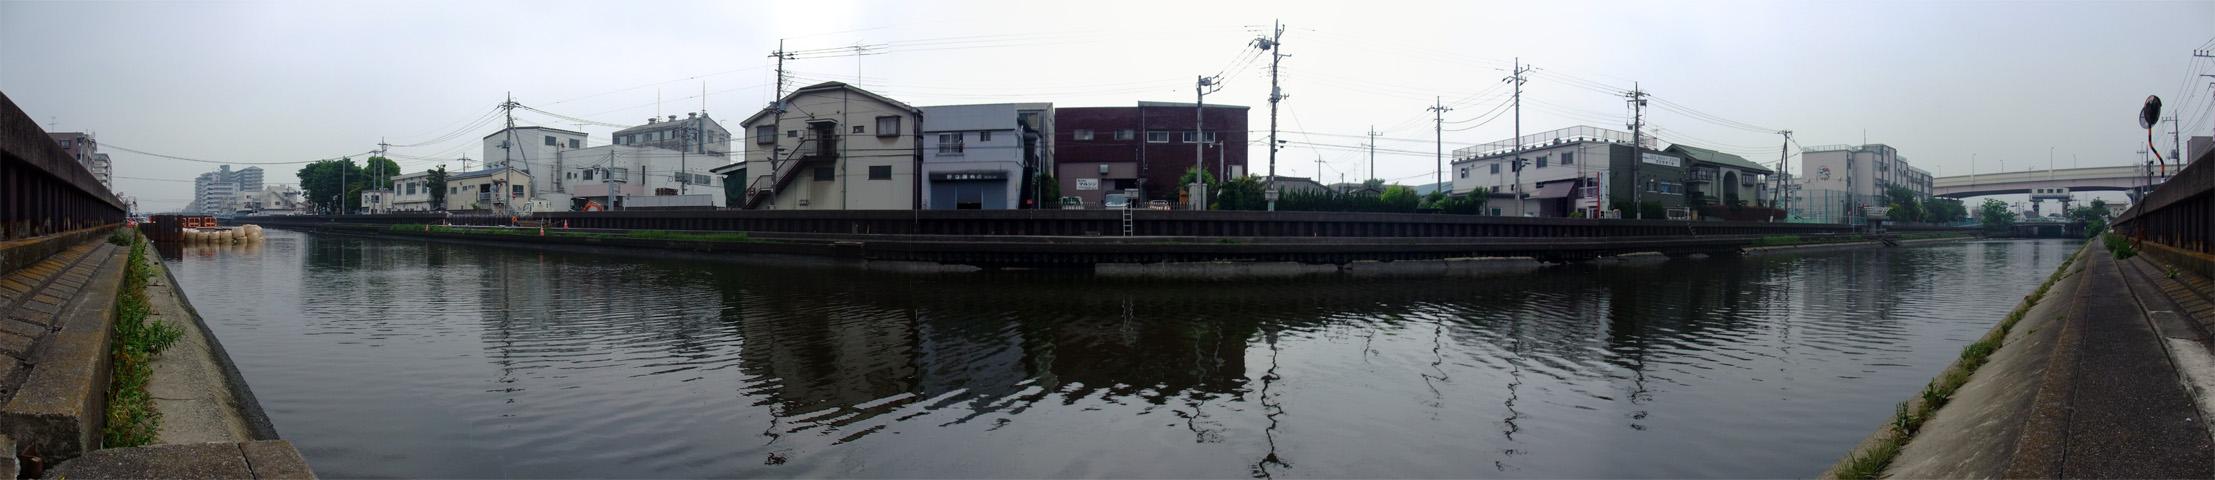 図1 花畑運河の綾瀬川側の風景